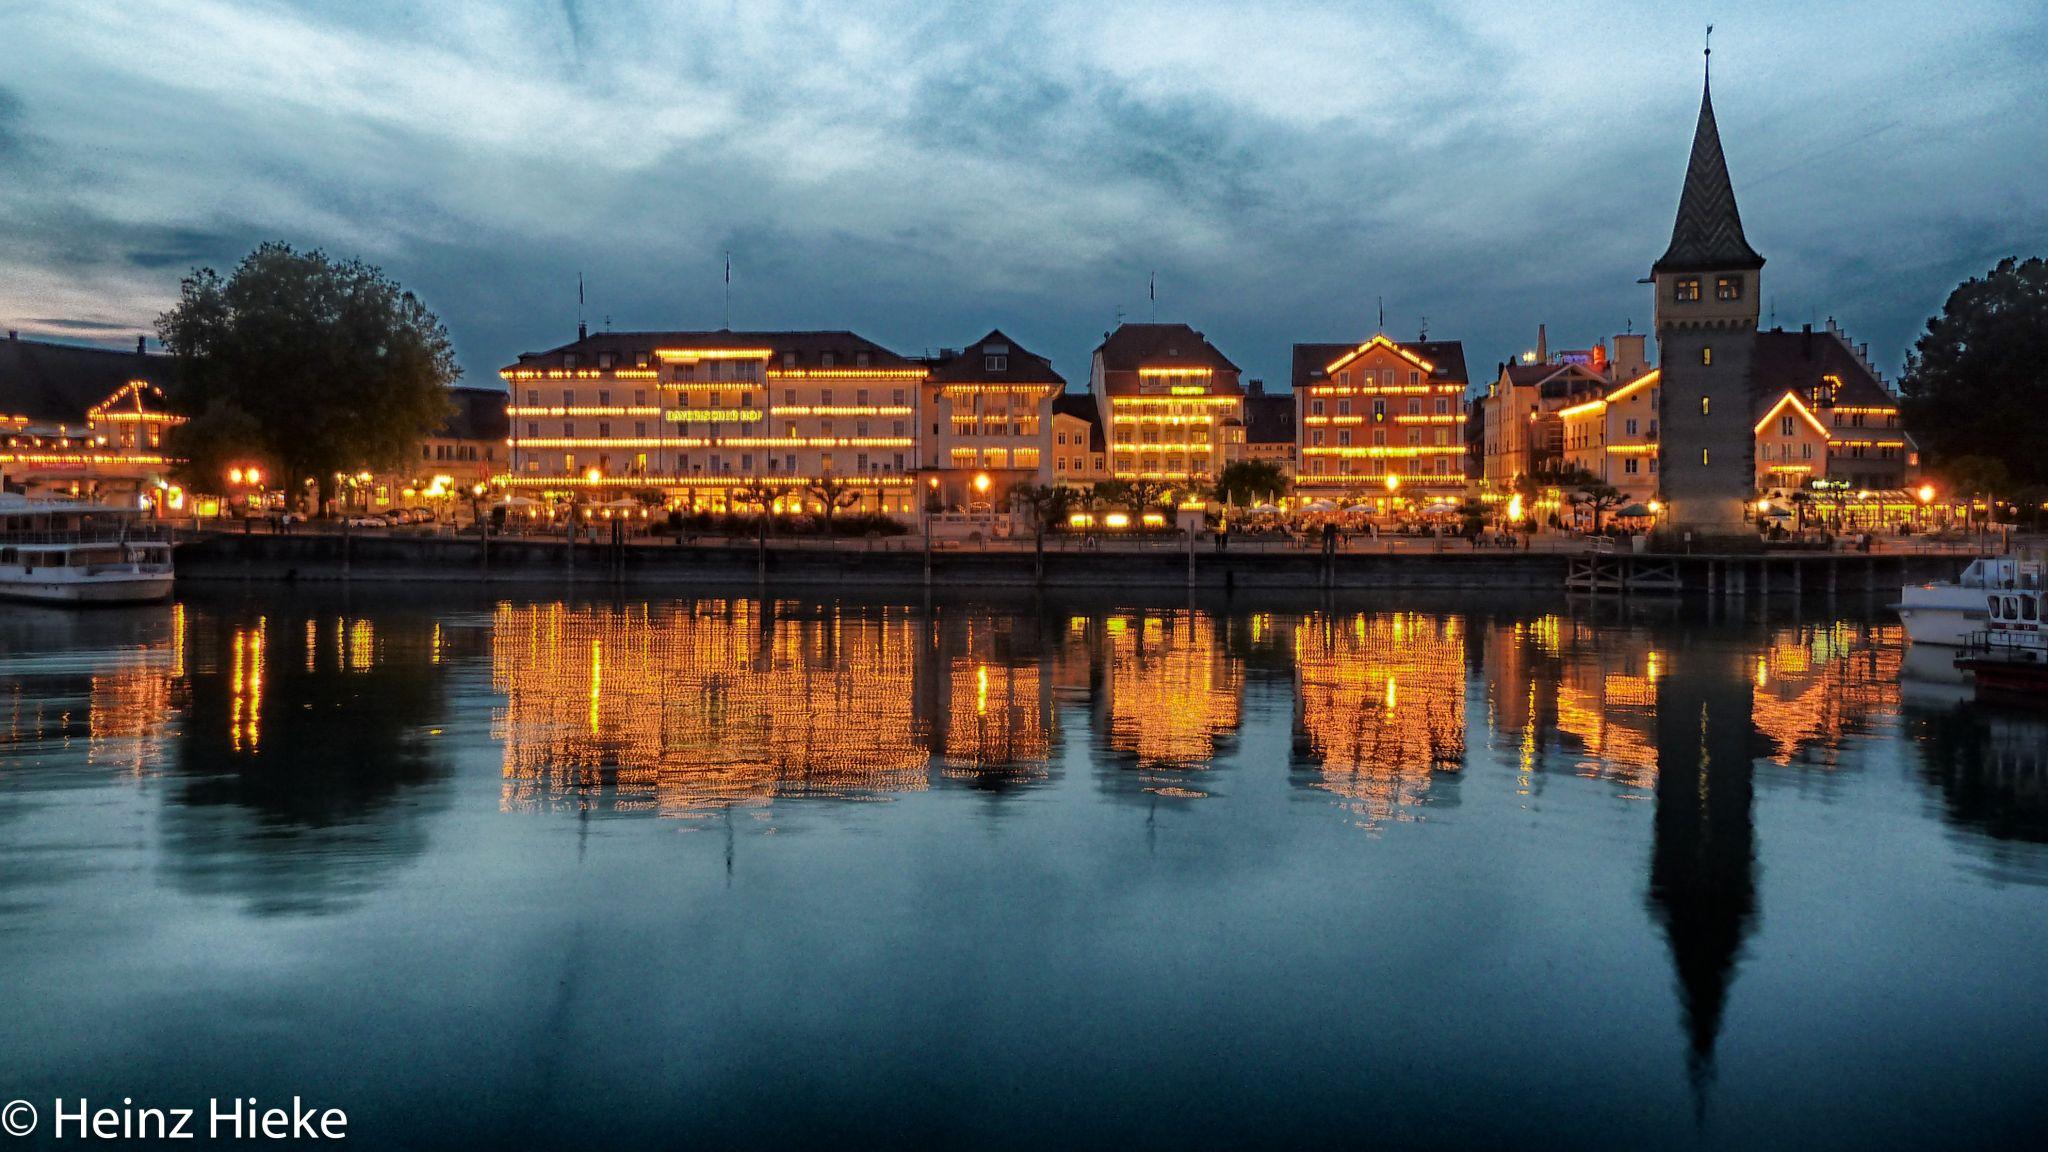 Hafenplatz, Germany